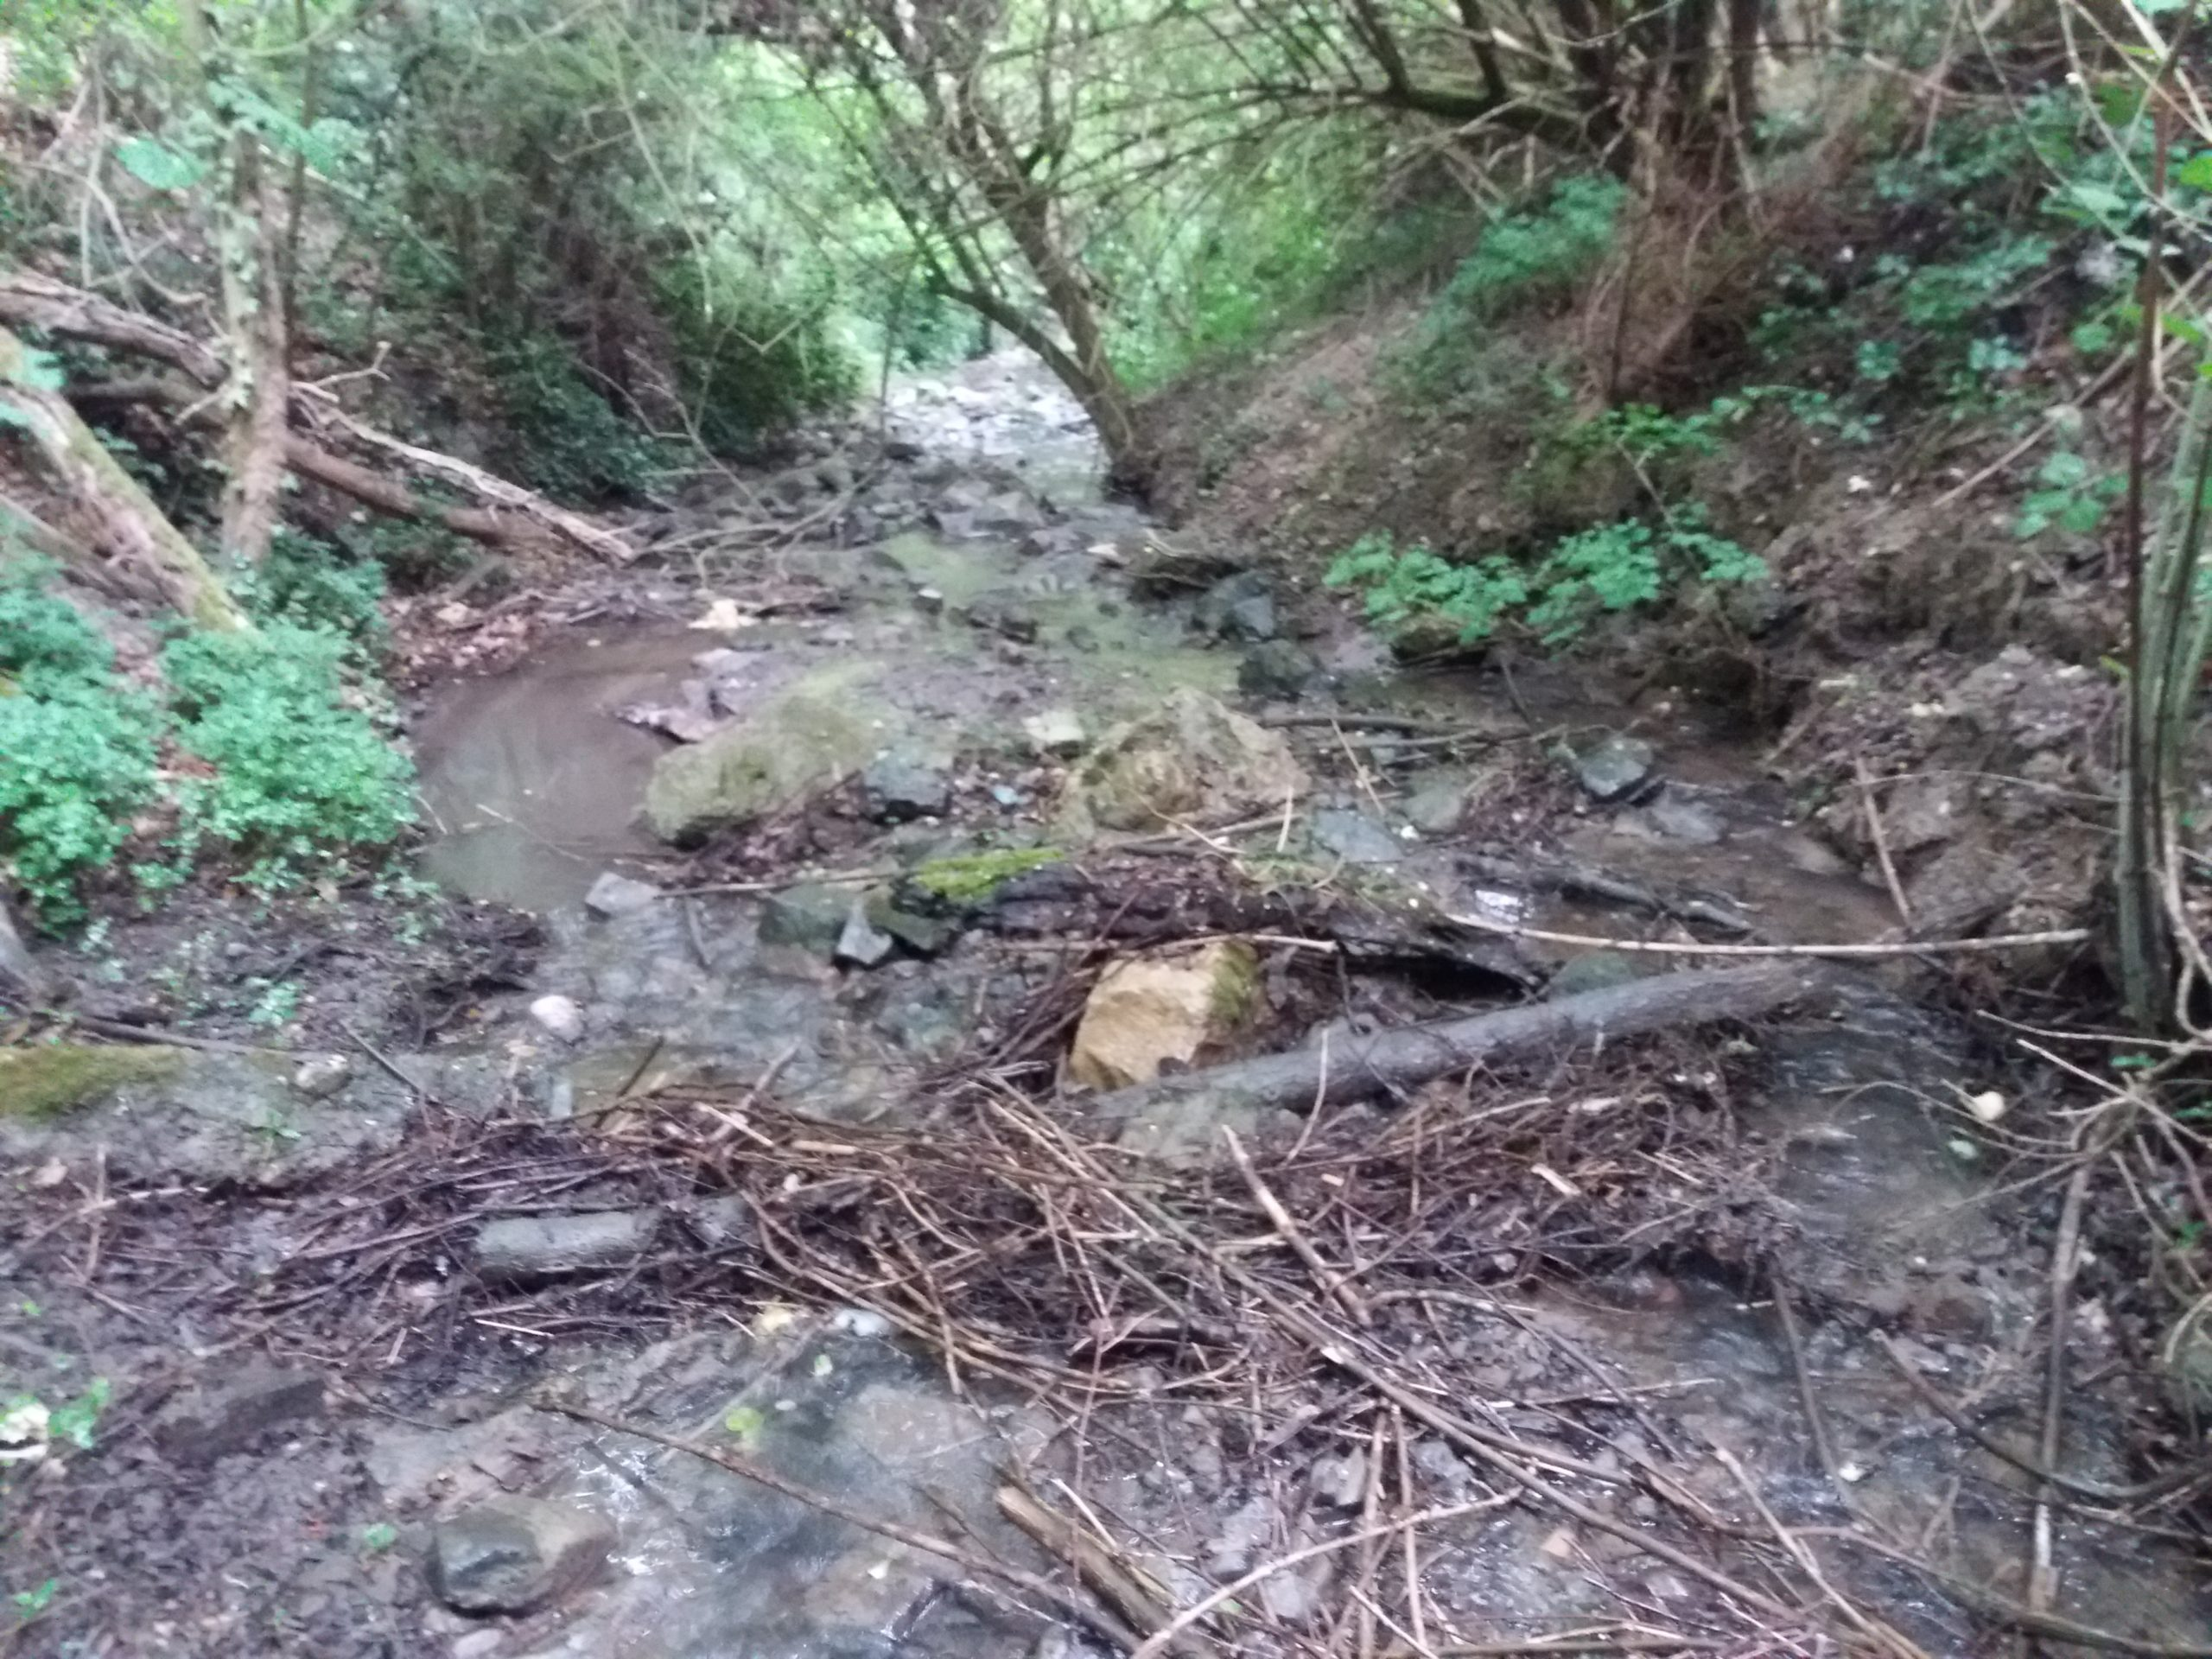 Der Naturschutz wird mit Steinen getreten und der Hochwasserschutz vernachlässigt!